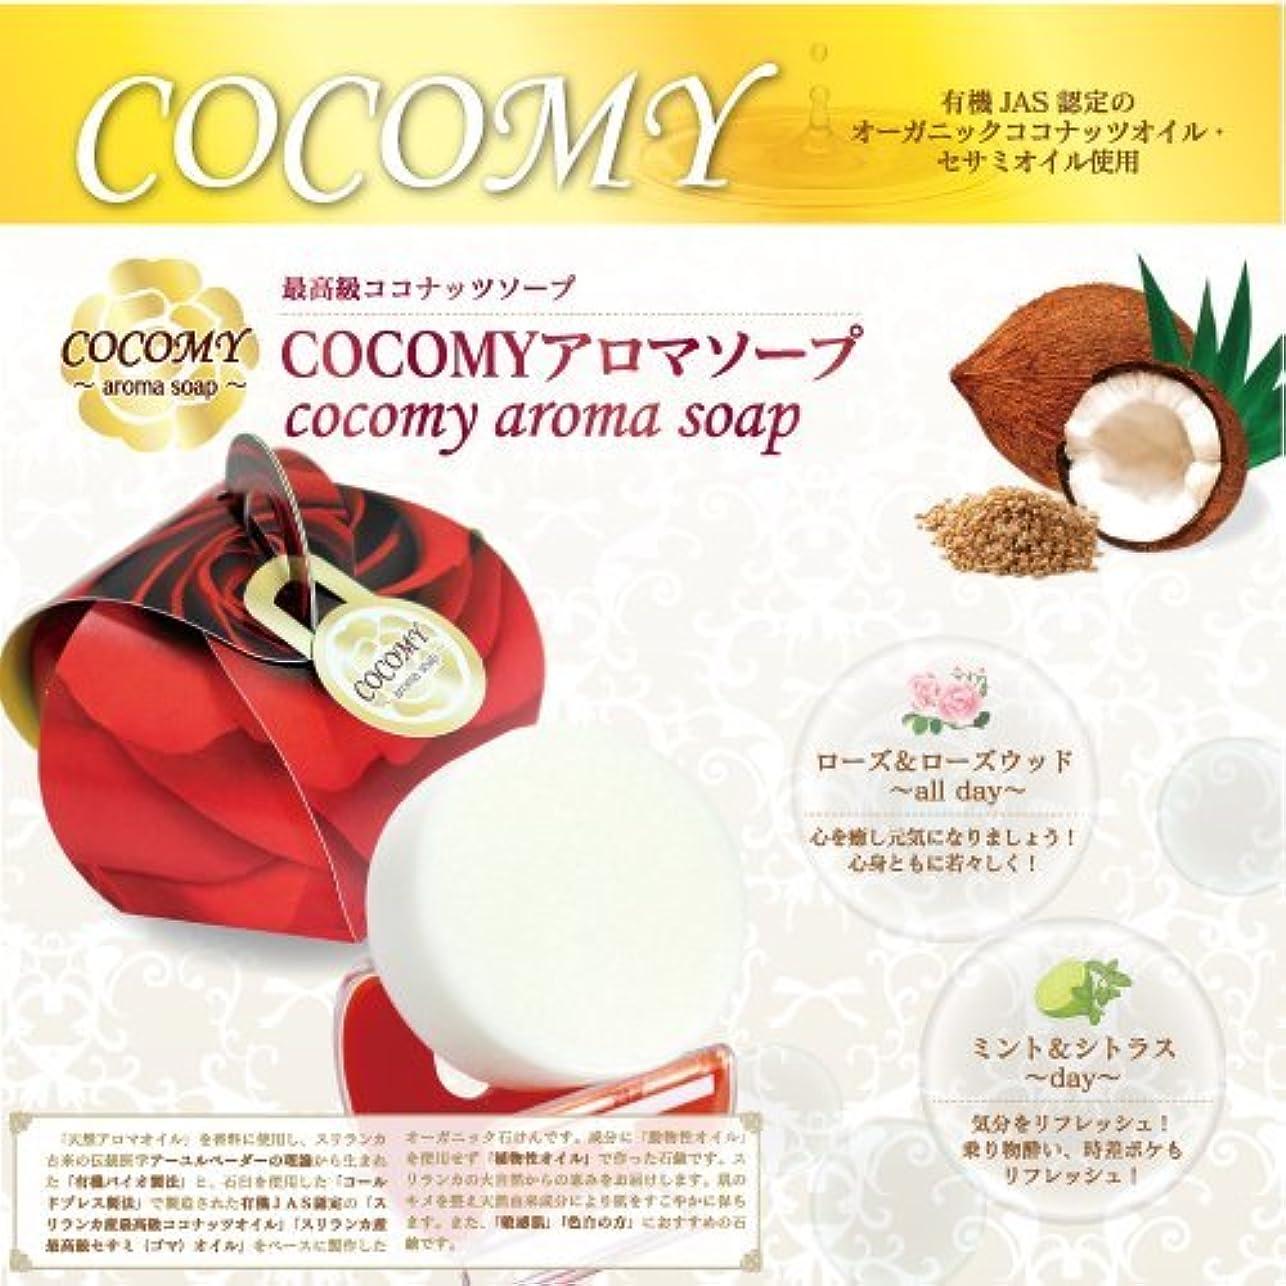 磁器第四に話すCOCOMY aromaソープ 2個セット (ミント&シトラス)(ローズ&ローズウッド) 40g×各1